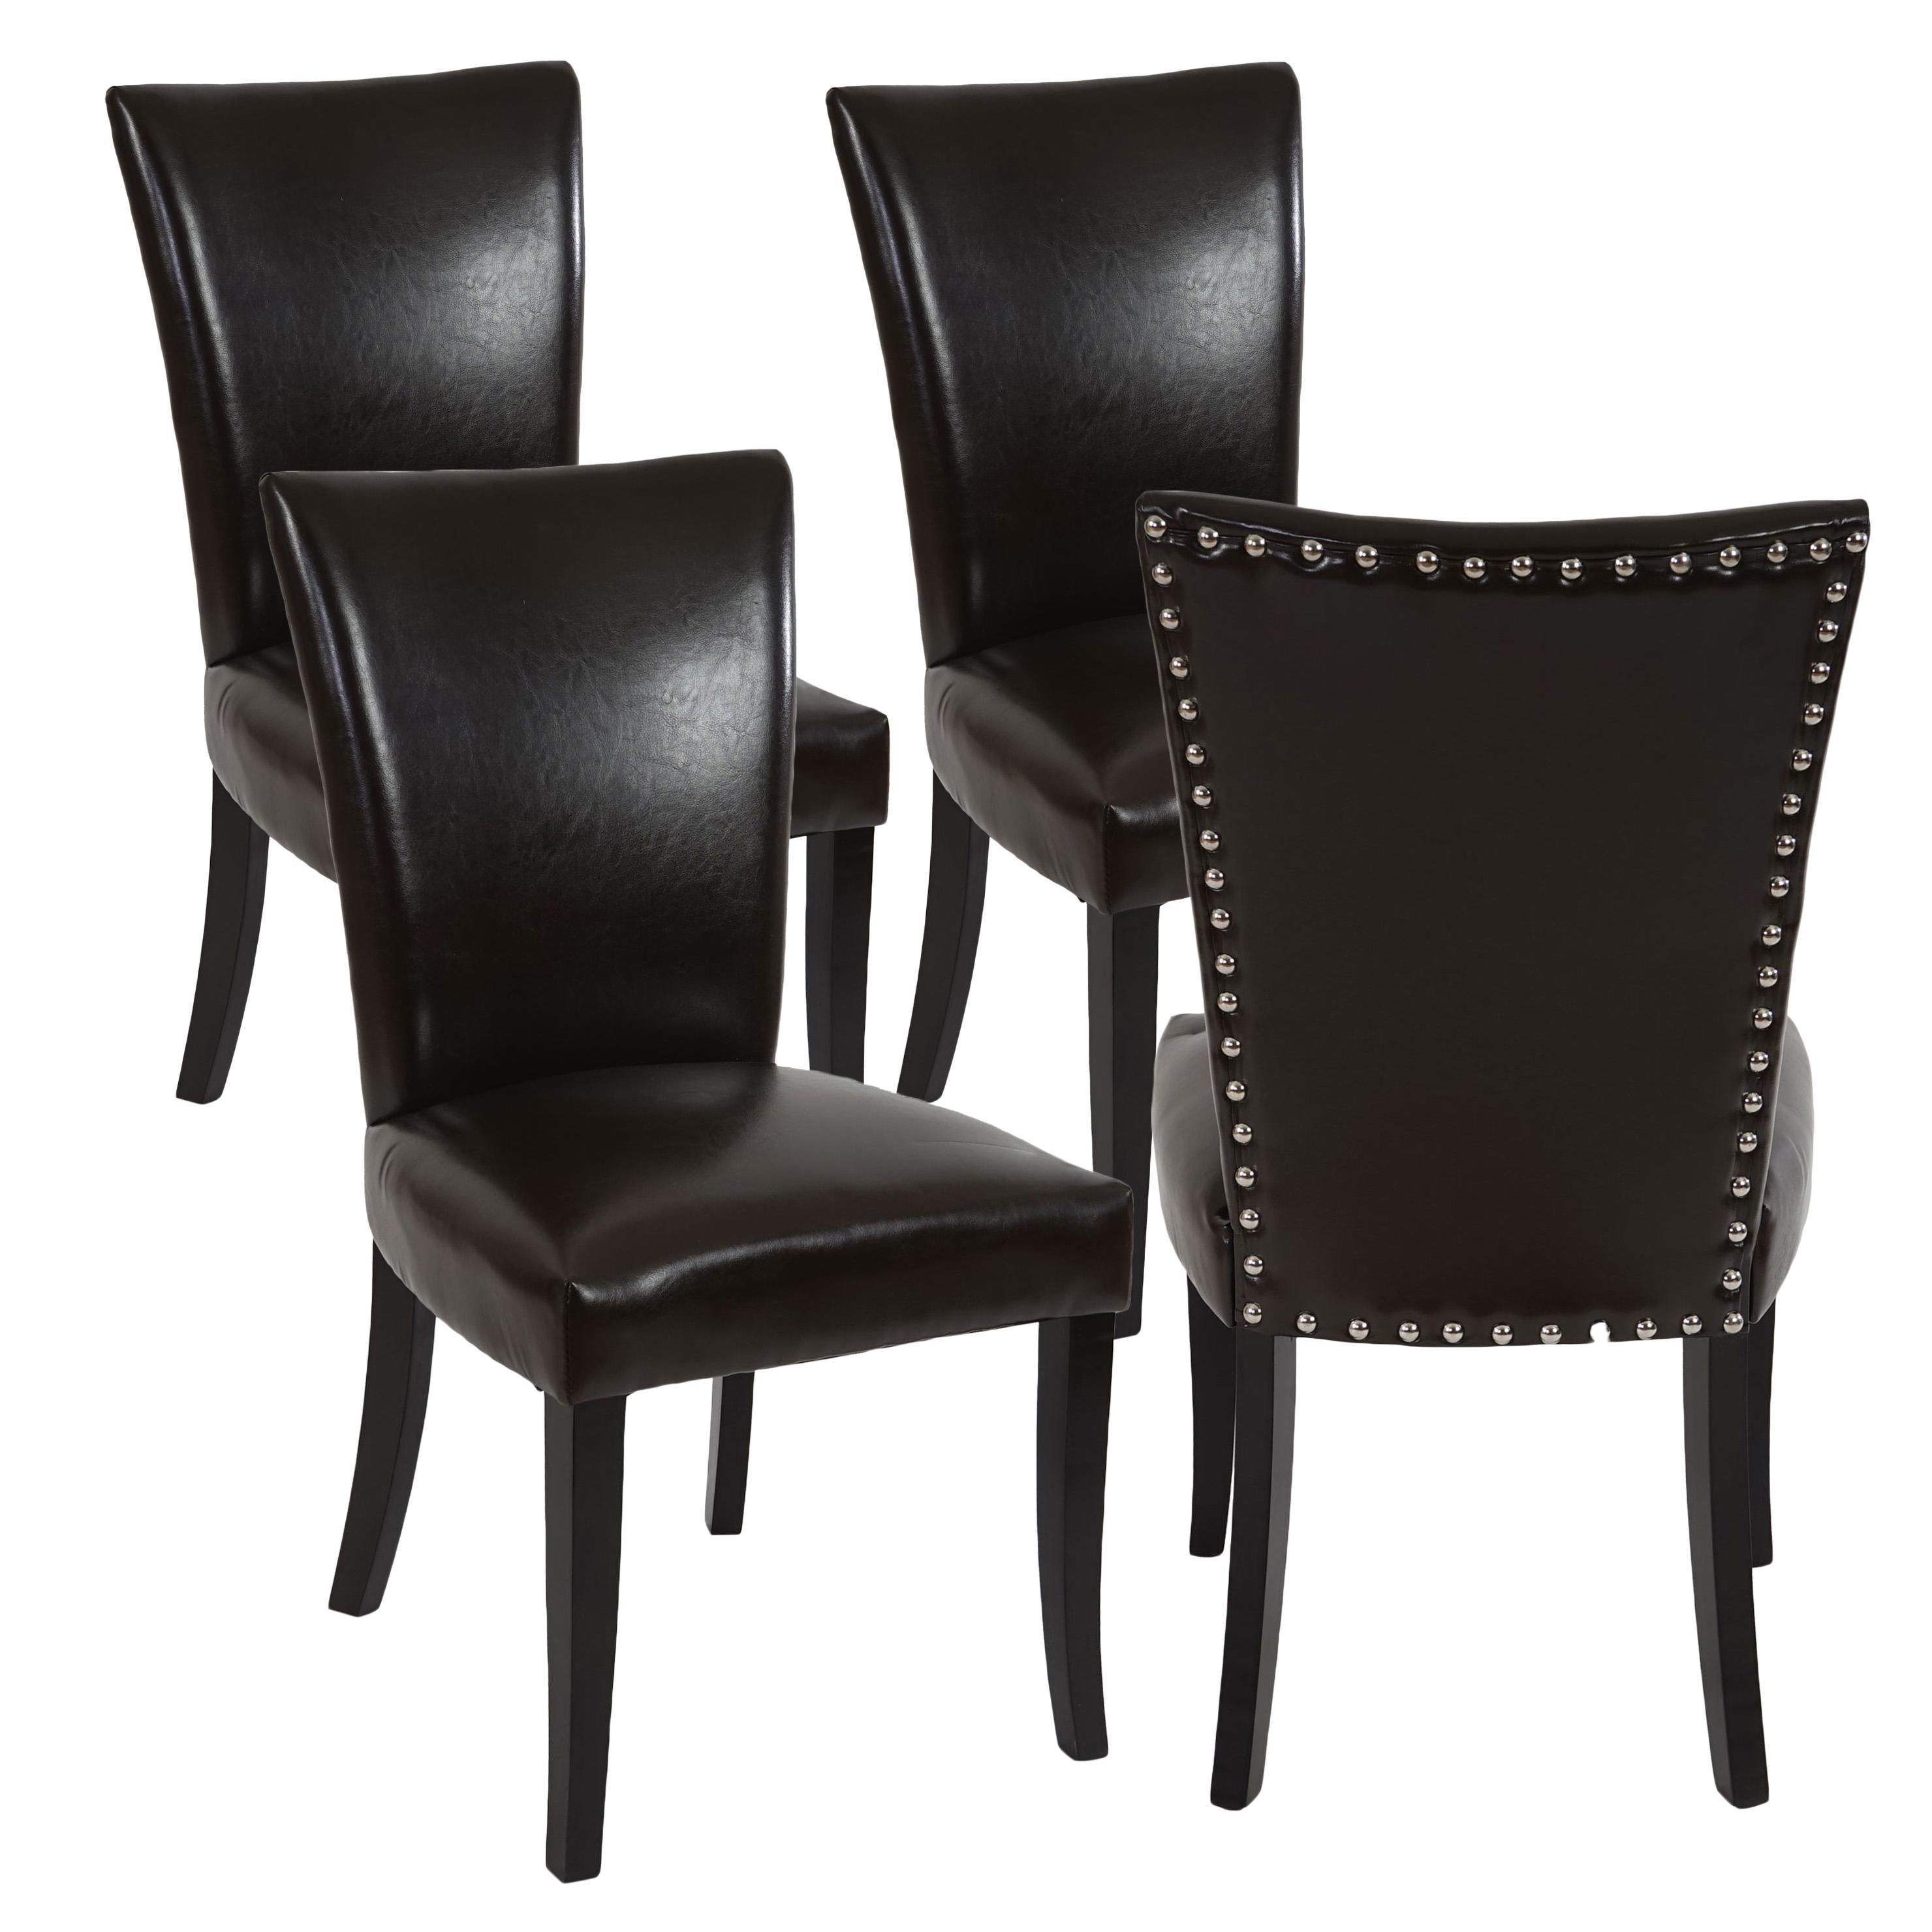 Lote de 4 sillas de comedor augusto piel marr n y patas for Sillas de comedor clasicas tapizadas